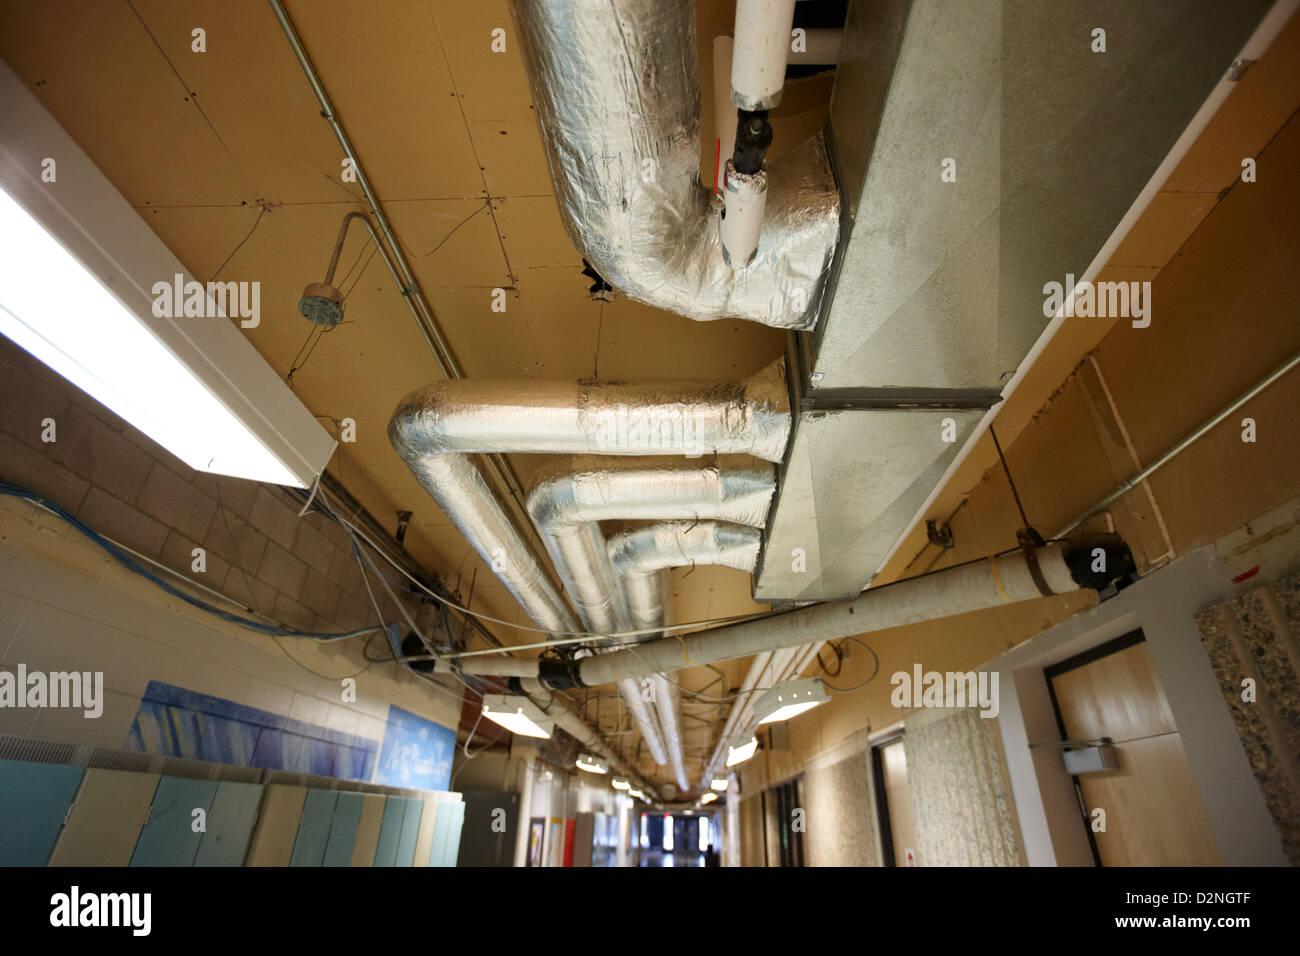 isolierte Heizungs- und Lüftungsanlagen Leitungen High School Kanada Nordamerika ausgesetzt Stockbild